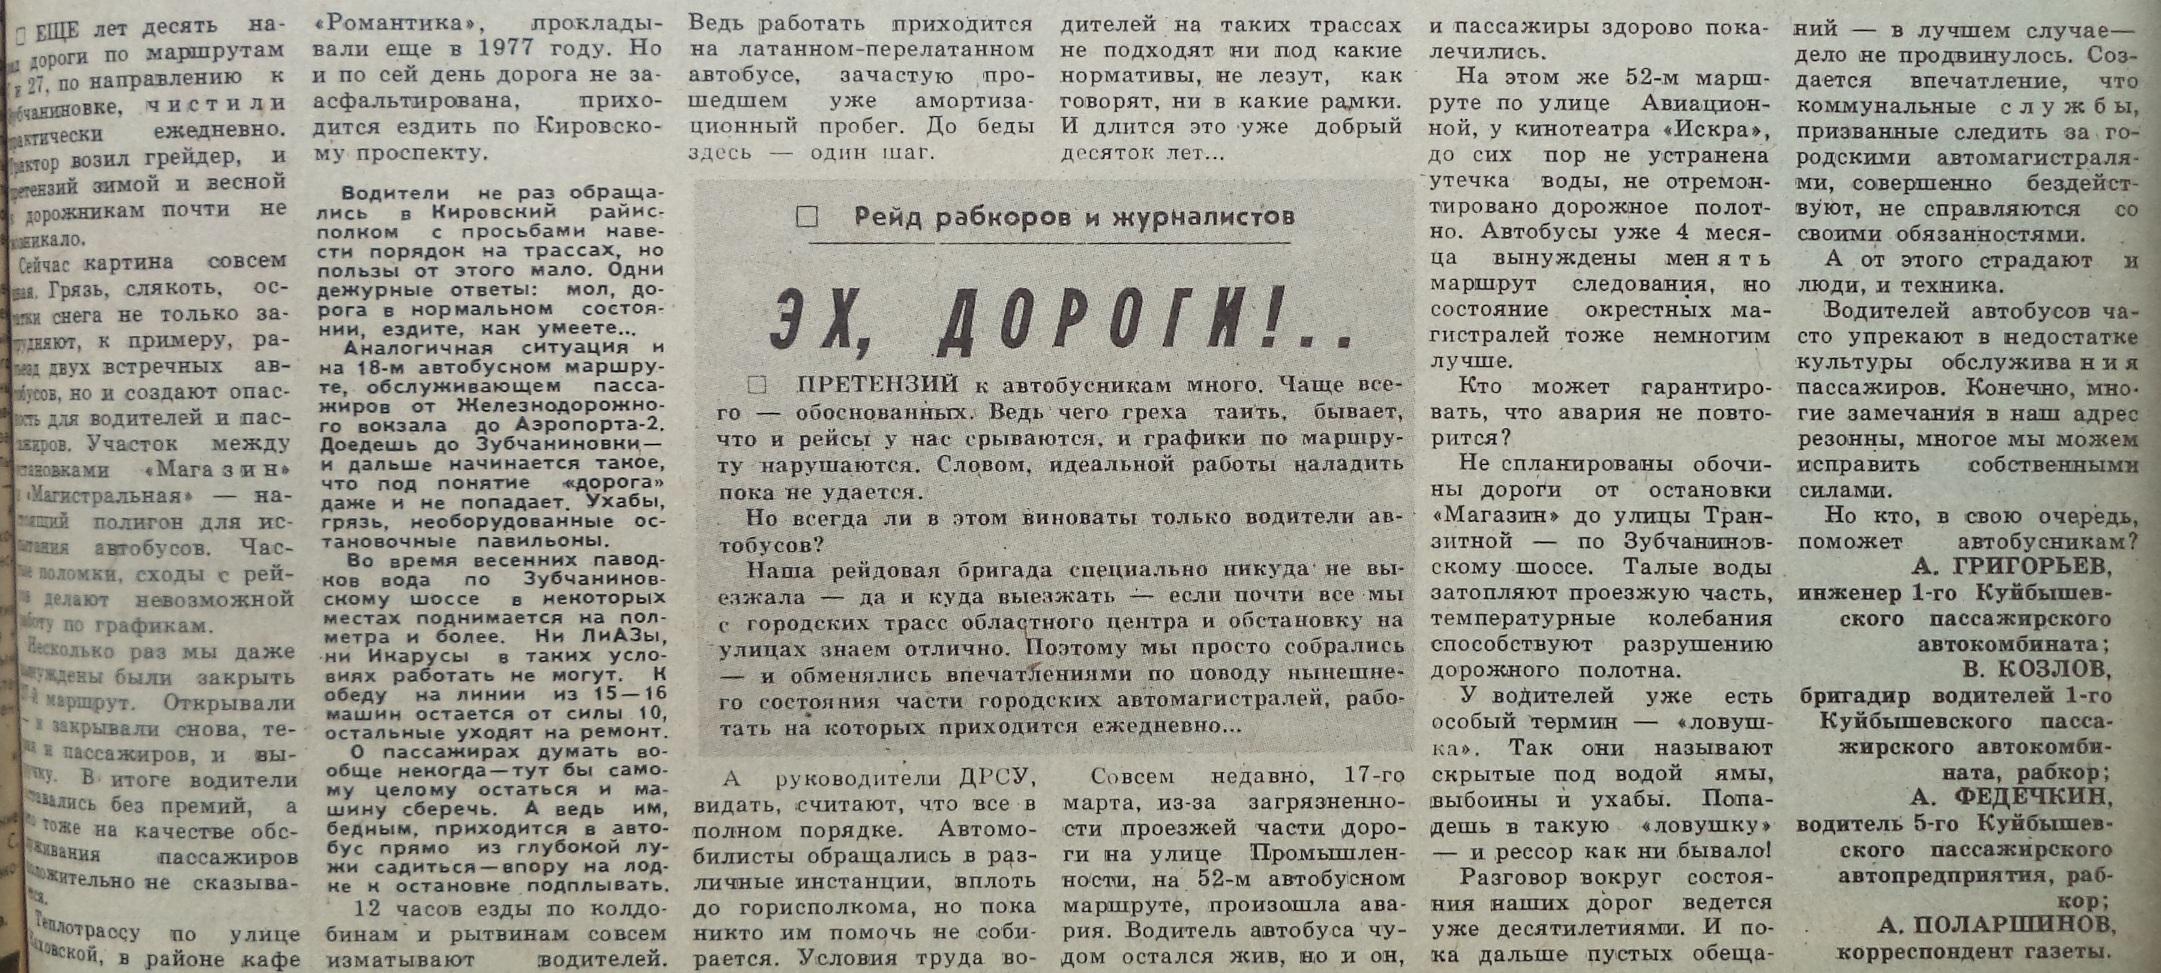 ФОТО-Магистральная-21-Автотранспортник-1988-13 апреля